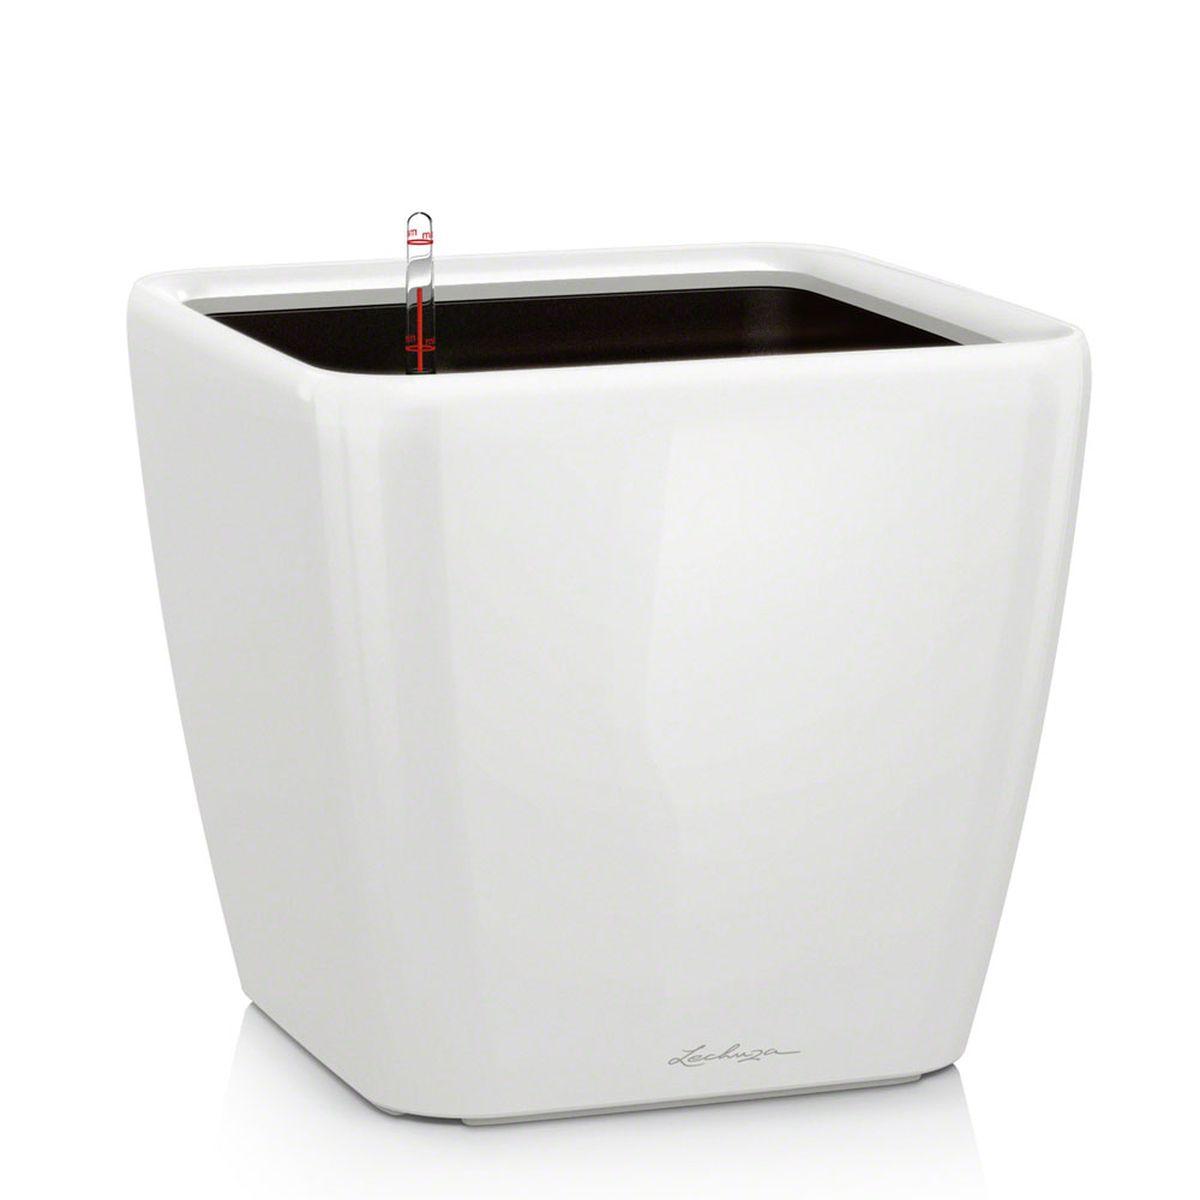 Кашпо Lechuza Quadro, с системой автополива, цвет: белый, 43 х 43 х 40 см16180Кашпо Lechuza Quadro, выполненное из высококачественного пластика, имеет уникальную систему автополива, благодаря которой корневая система растения непрерывно снабжается влагой из резервуара. Уровень воды в резервуаре контролируется с помощью специального индикатора. В зависимости от размера кашпо и растения воды хватает на 2-12 недель. Это способствует хорошему росту цветов и предотвращает переувлажнение. В набор входит: кашпо, внутренний горшок, индикатор уровня воды, вал подачи воды, субстрат растений в качестве дренажного слоя, резервуар для воды. Кашпо Lechuza Quadro прекрасно впишется в любой интерьер. Оно поможет расставить нужные акценты, а также придаст помещению вид, соответствующий вашим представлениям.